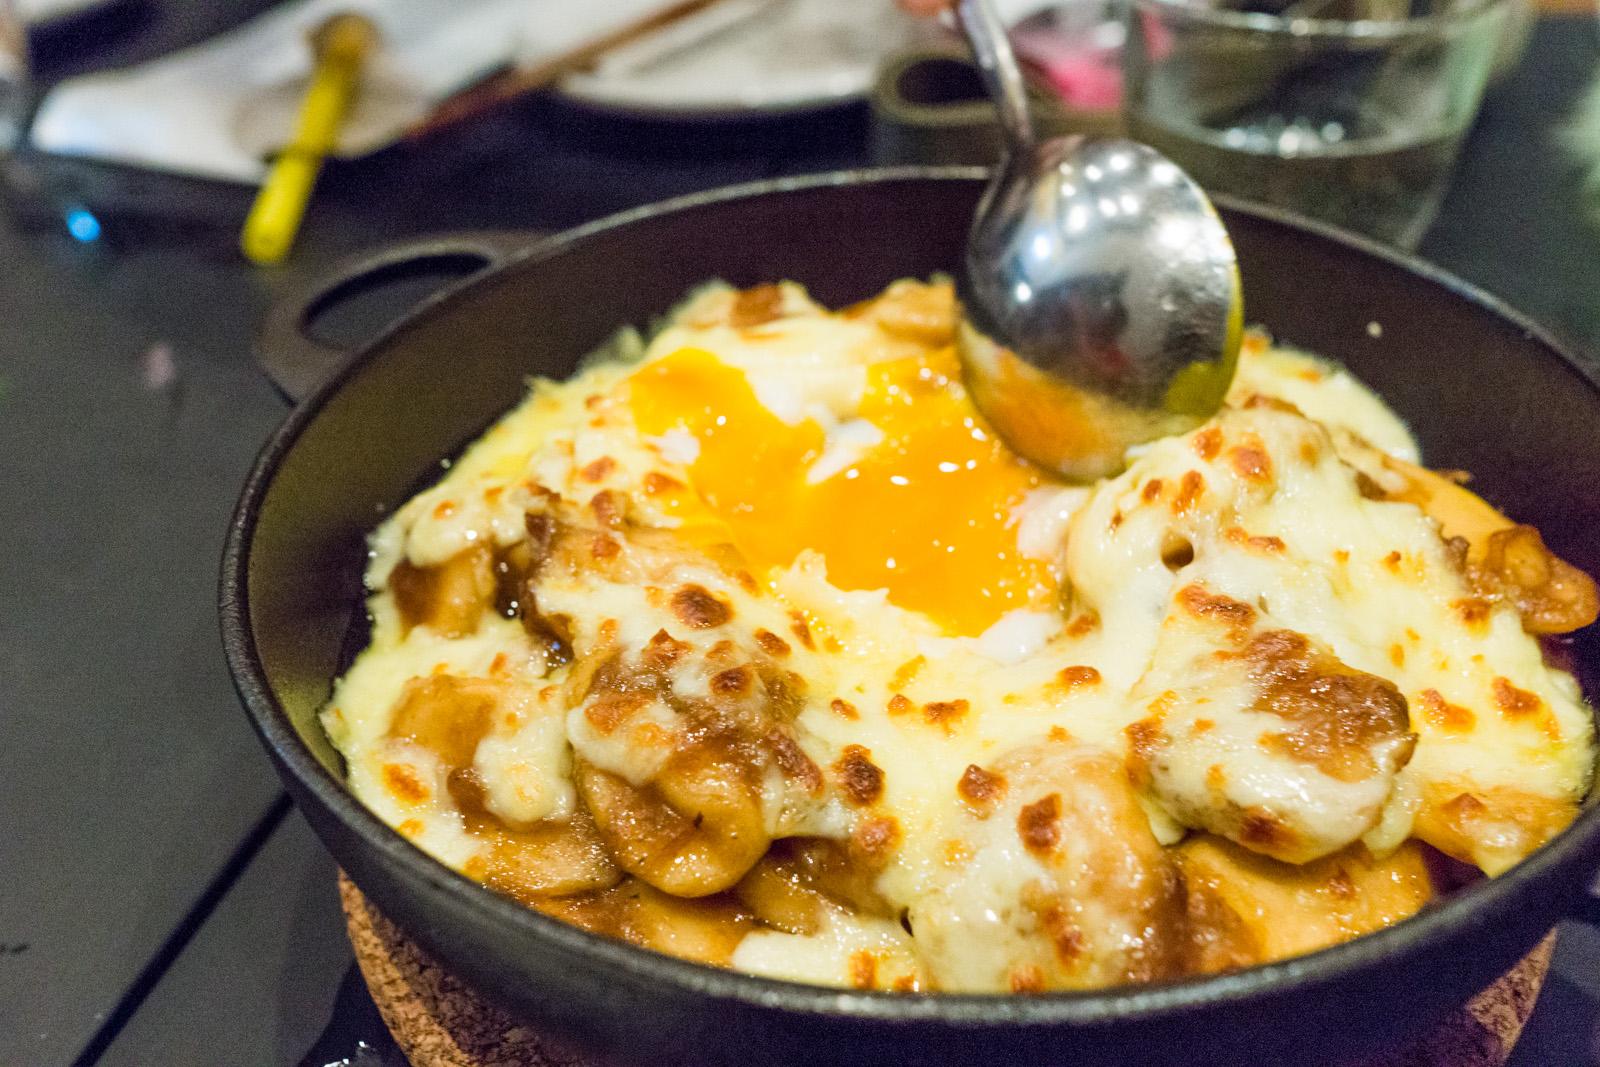 Easter-best-egg-dishes-poached-scrambled-soft-boiled-omelet-fried-deviled-yolks-19